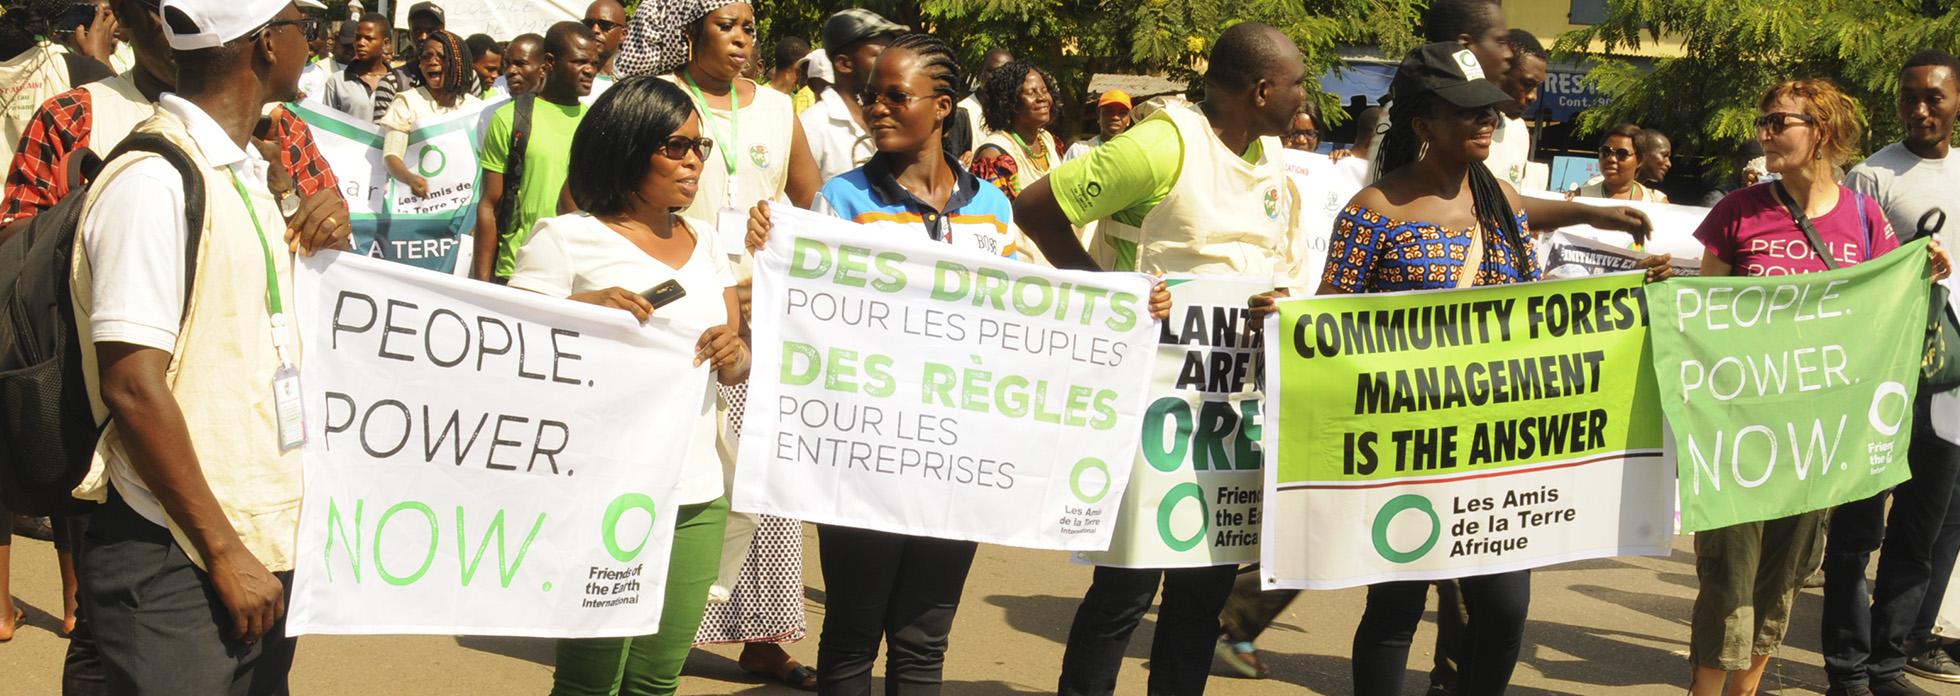 Amigos de la Tierra África en la Caravana de África Occidental por el Agua, la Tierra y las Semillas